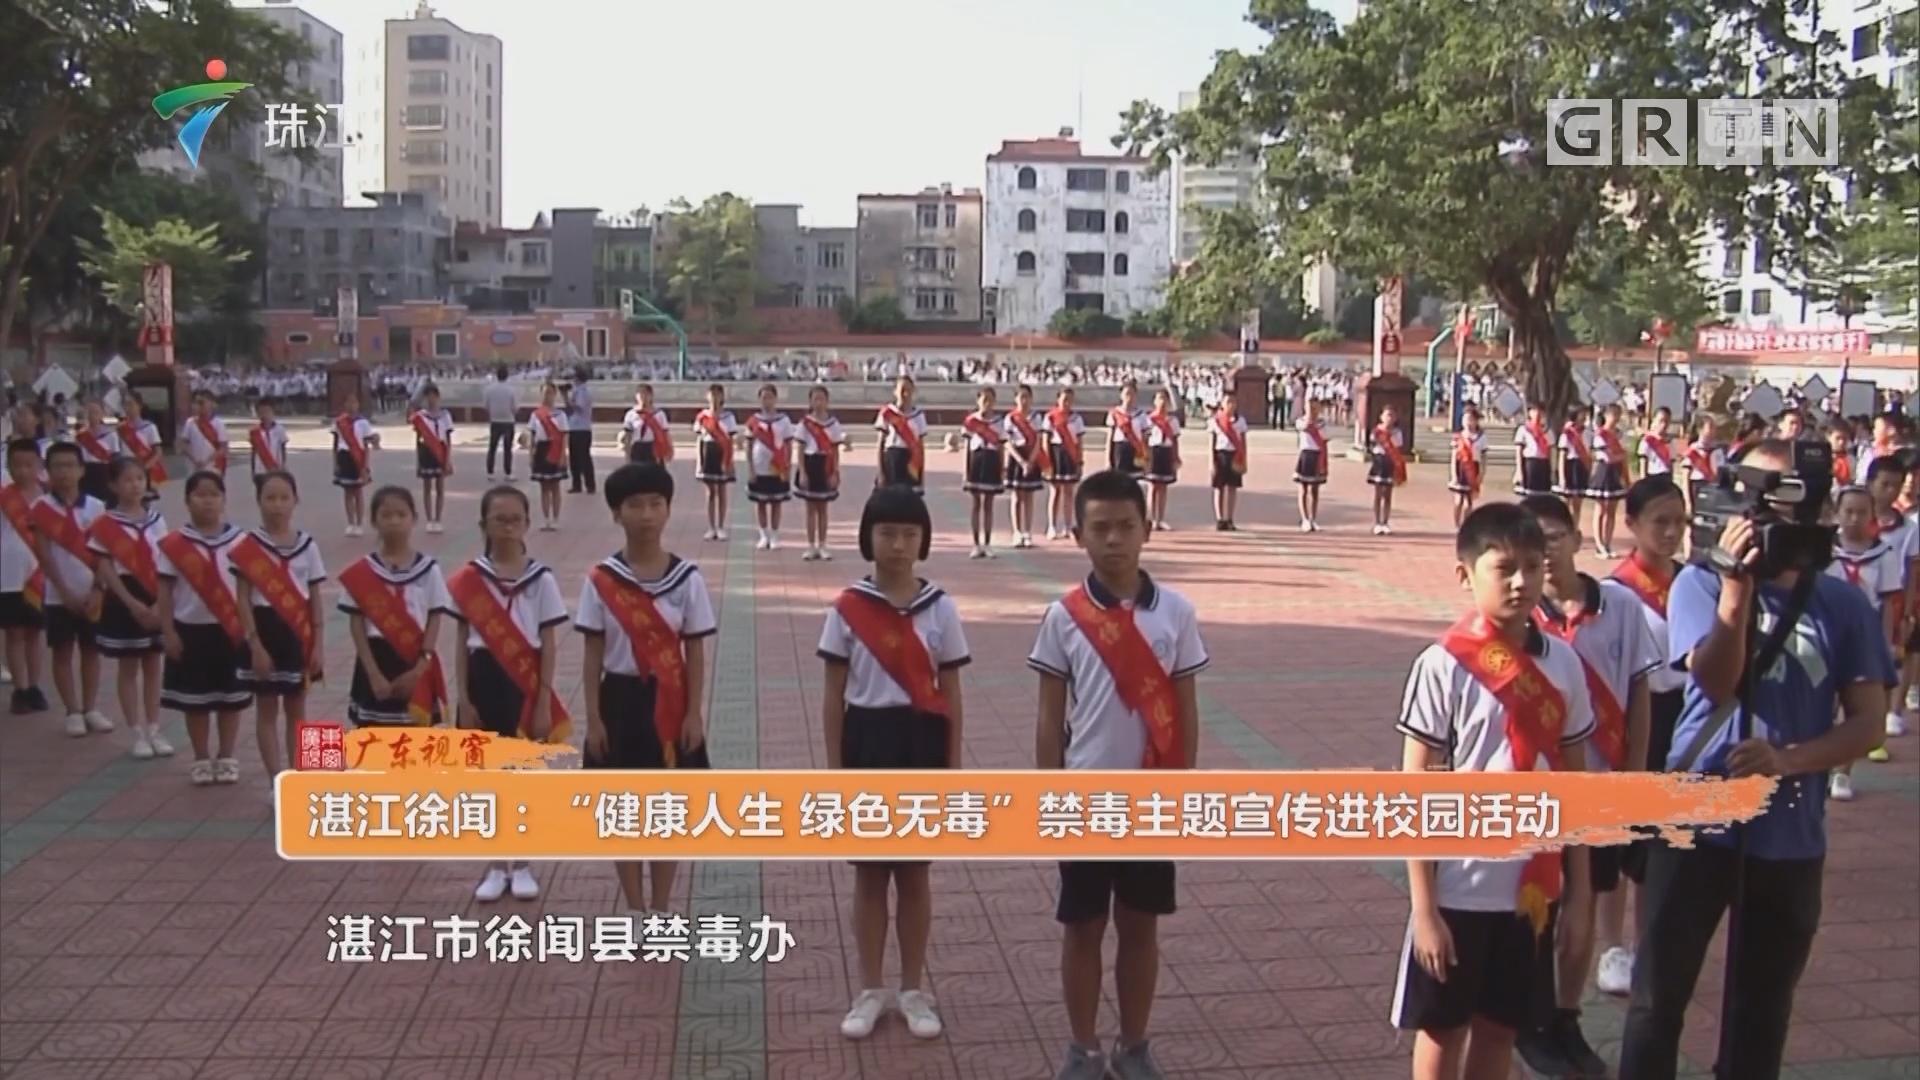 """湛江徐闻:""""健康人生 绿色无毒""""禁毒主题宣传进校园活动"""